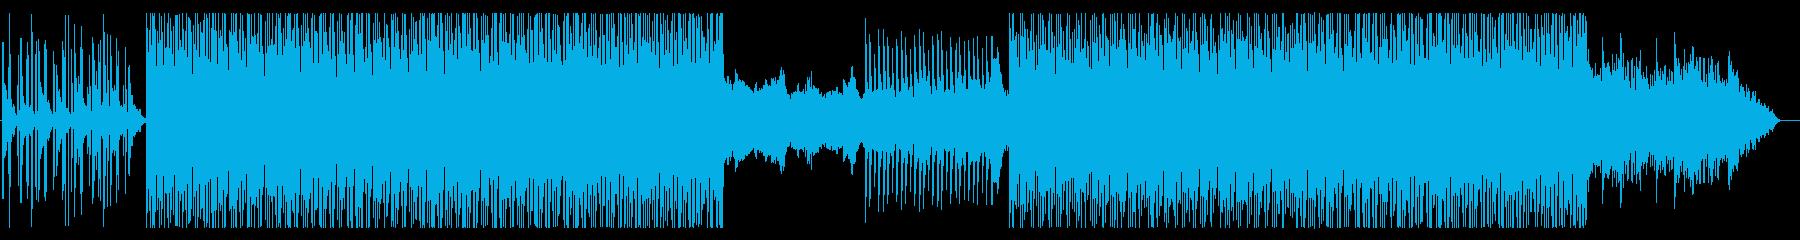 さわやかなハウス(トロピカル)の再生済みの波形